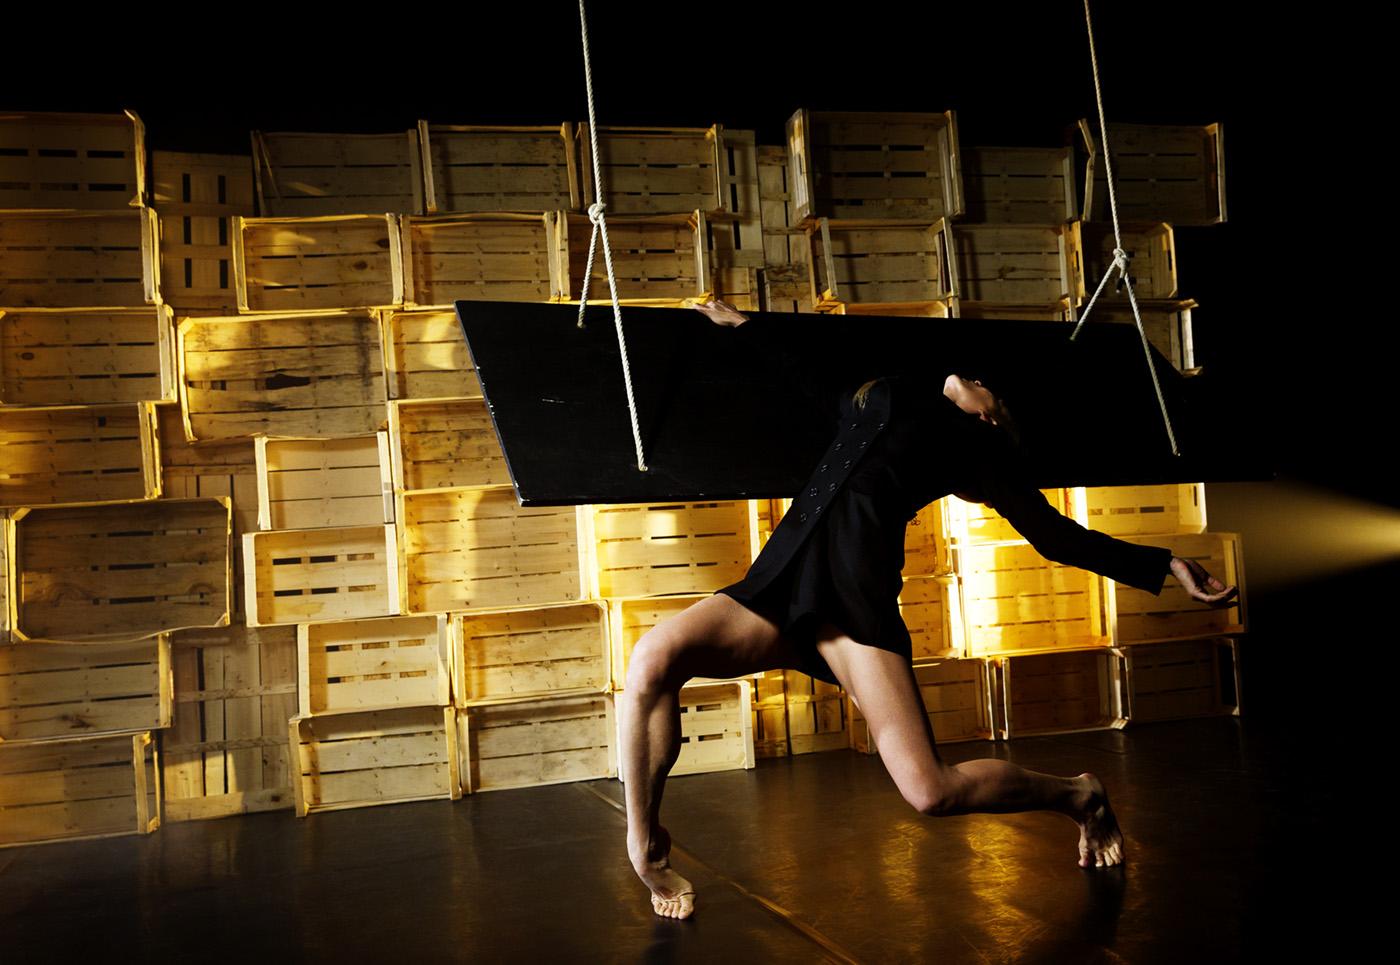 Tänzerin vor Bücherwand nach hinten gebeugt